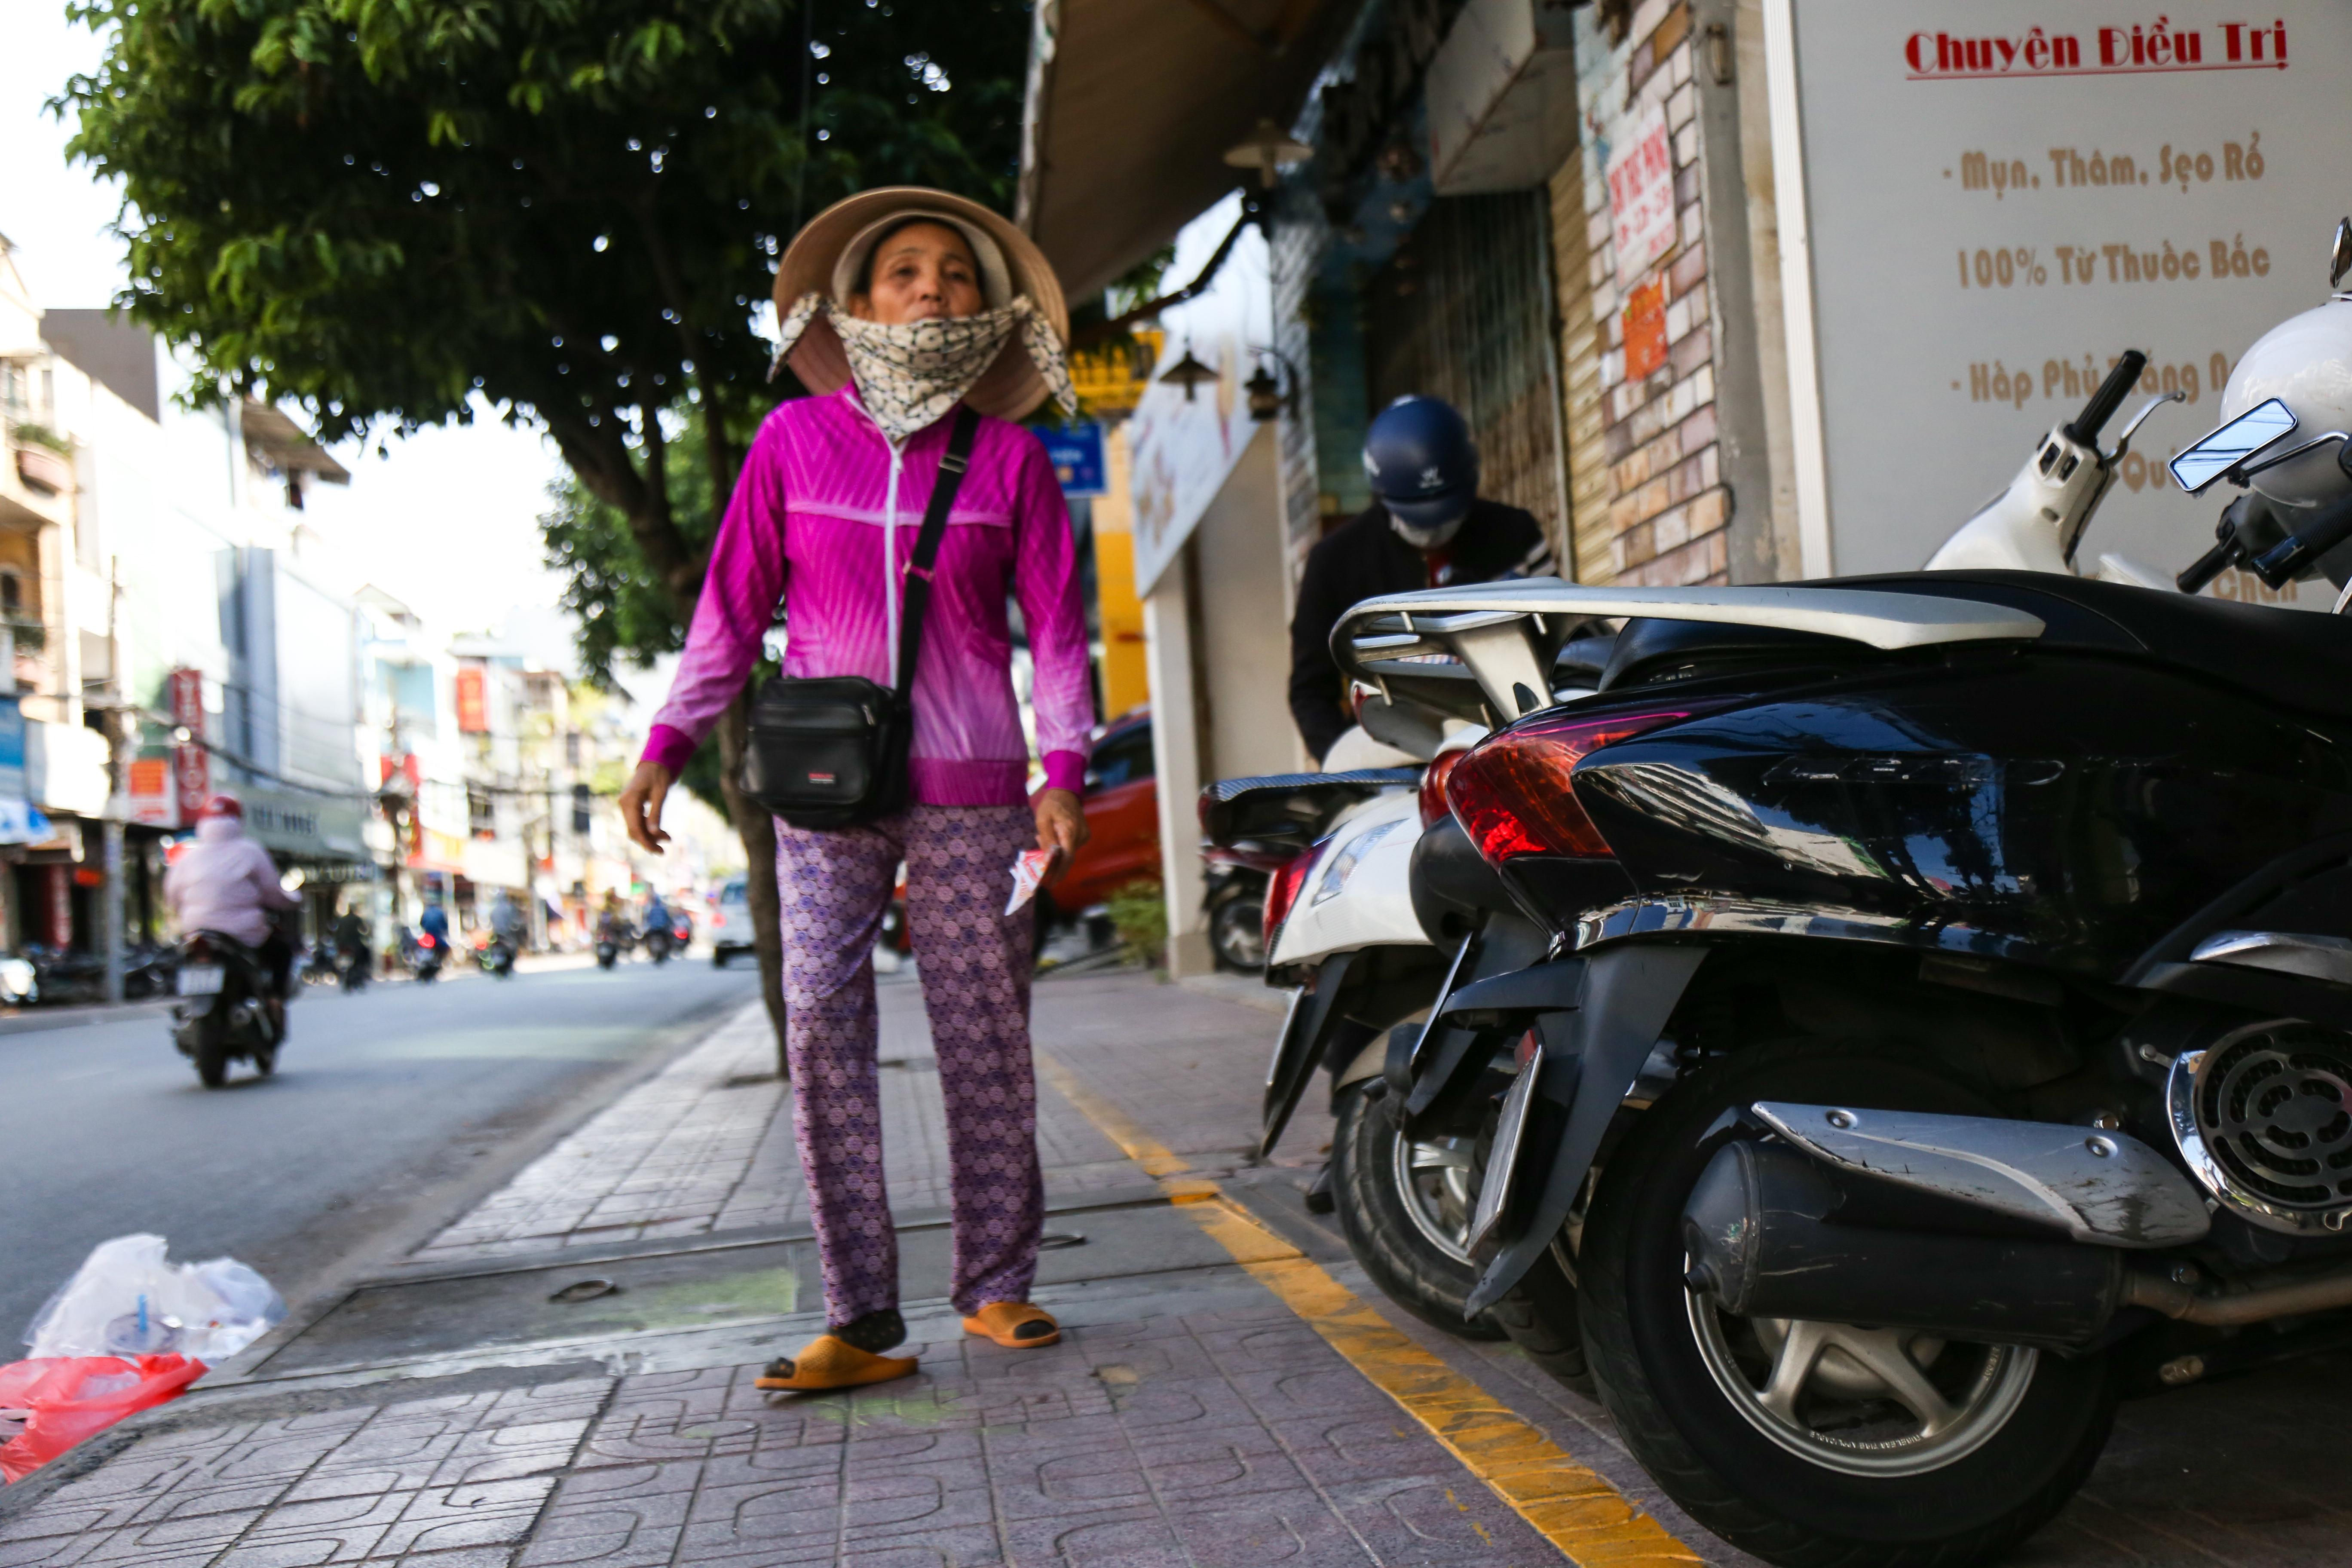 Vỉa hè Sài Gòn sau khi được phân chia bằng vạch kẻ: Người đi bộ thoải mái, dân buôn bán hài lòng - Ảnh 6.